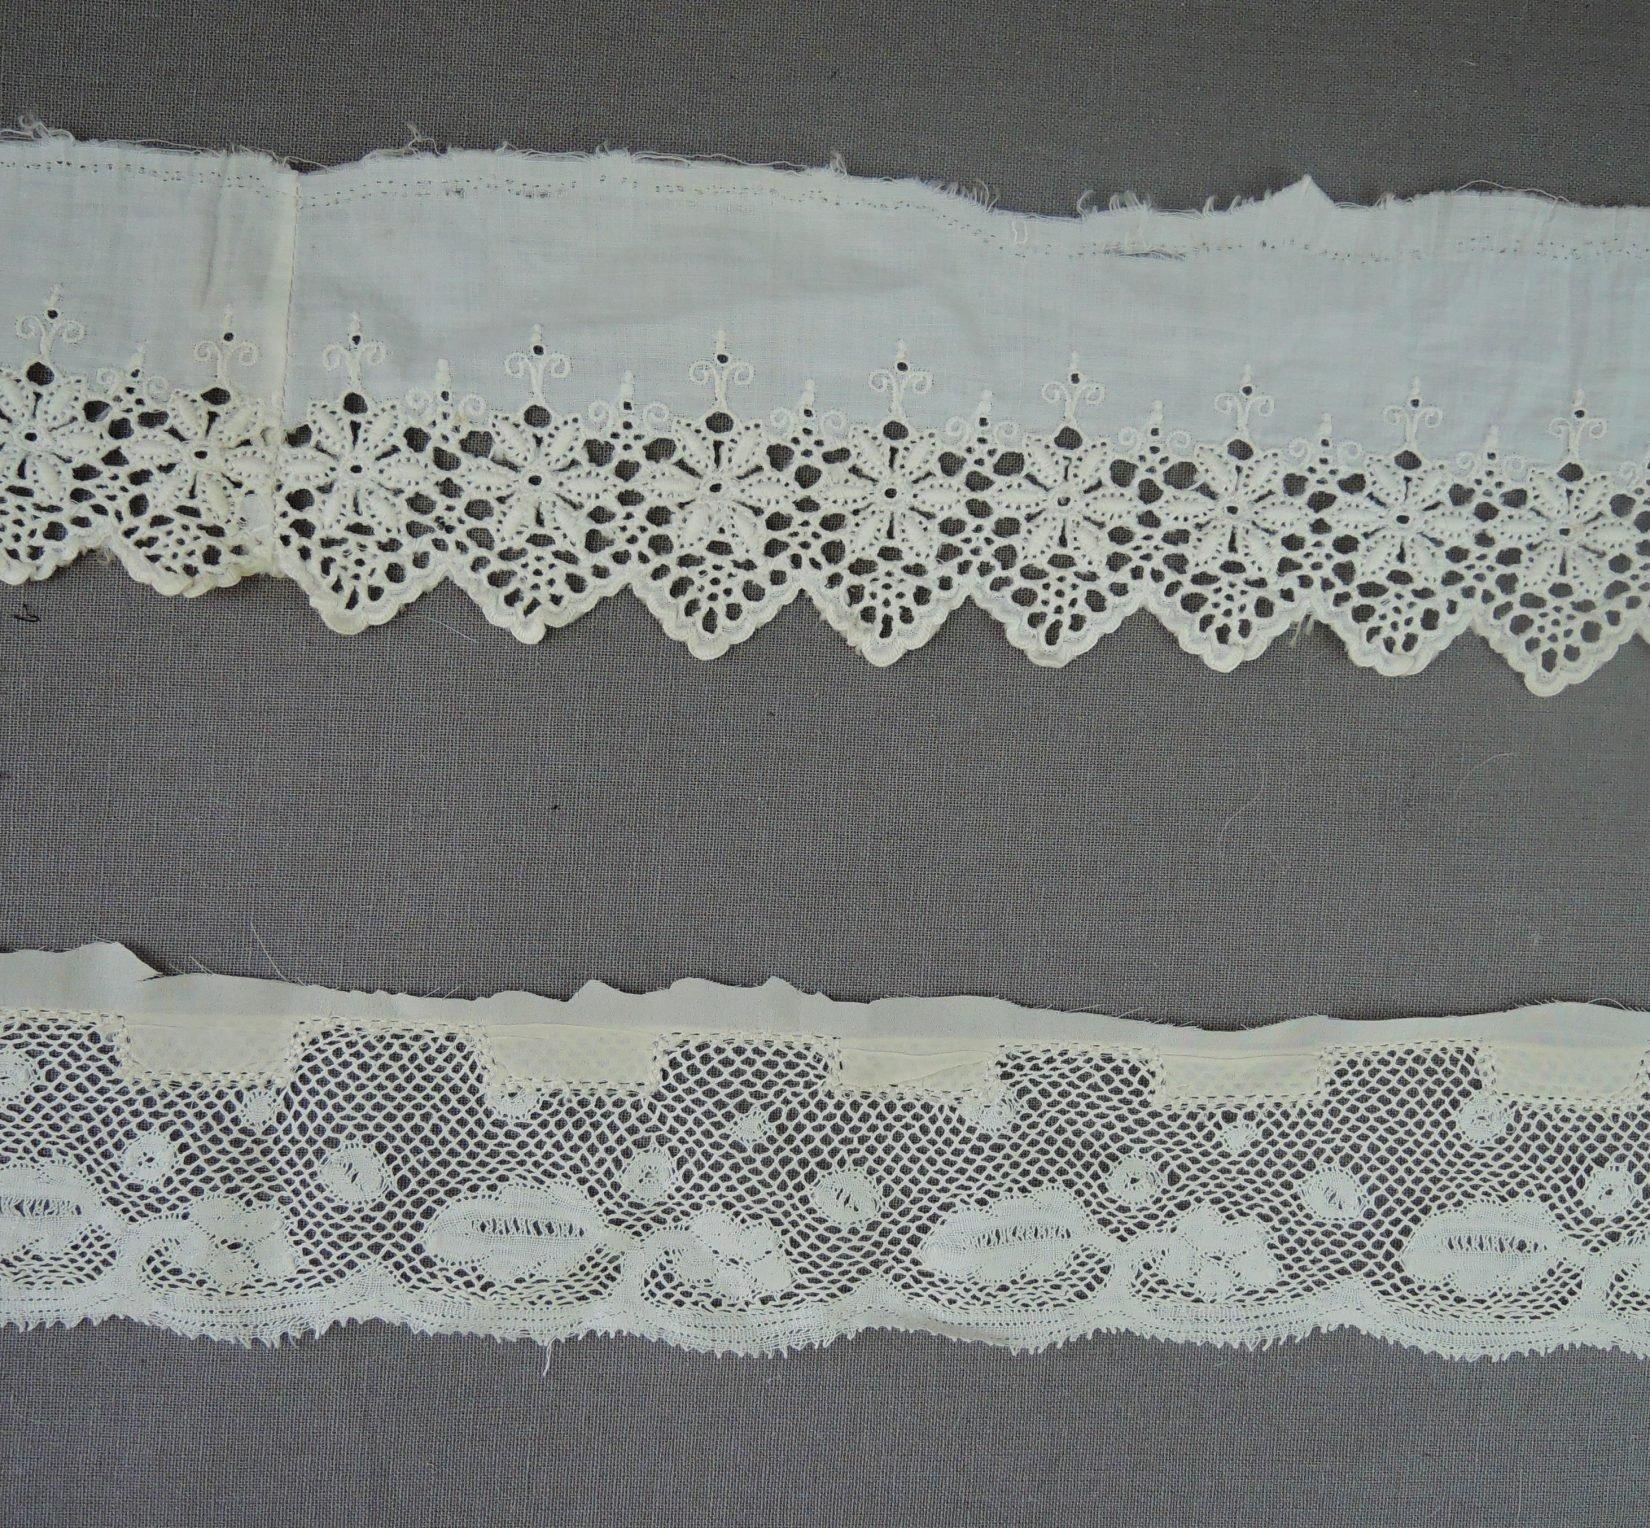 Antique Lace Remnants Victorian Dress Trims, 2 styles